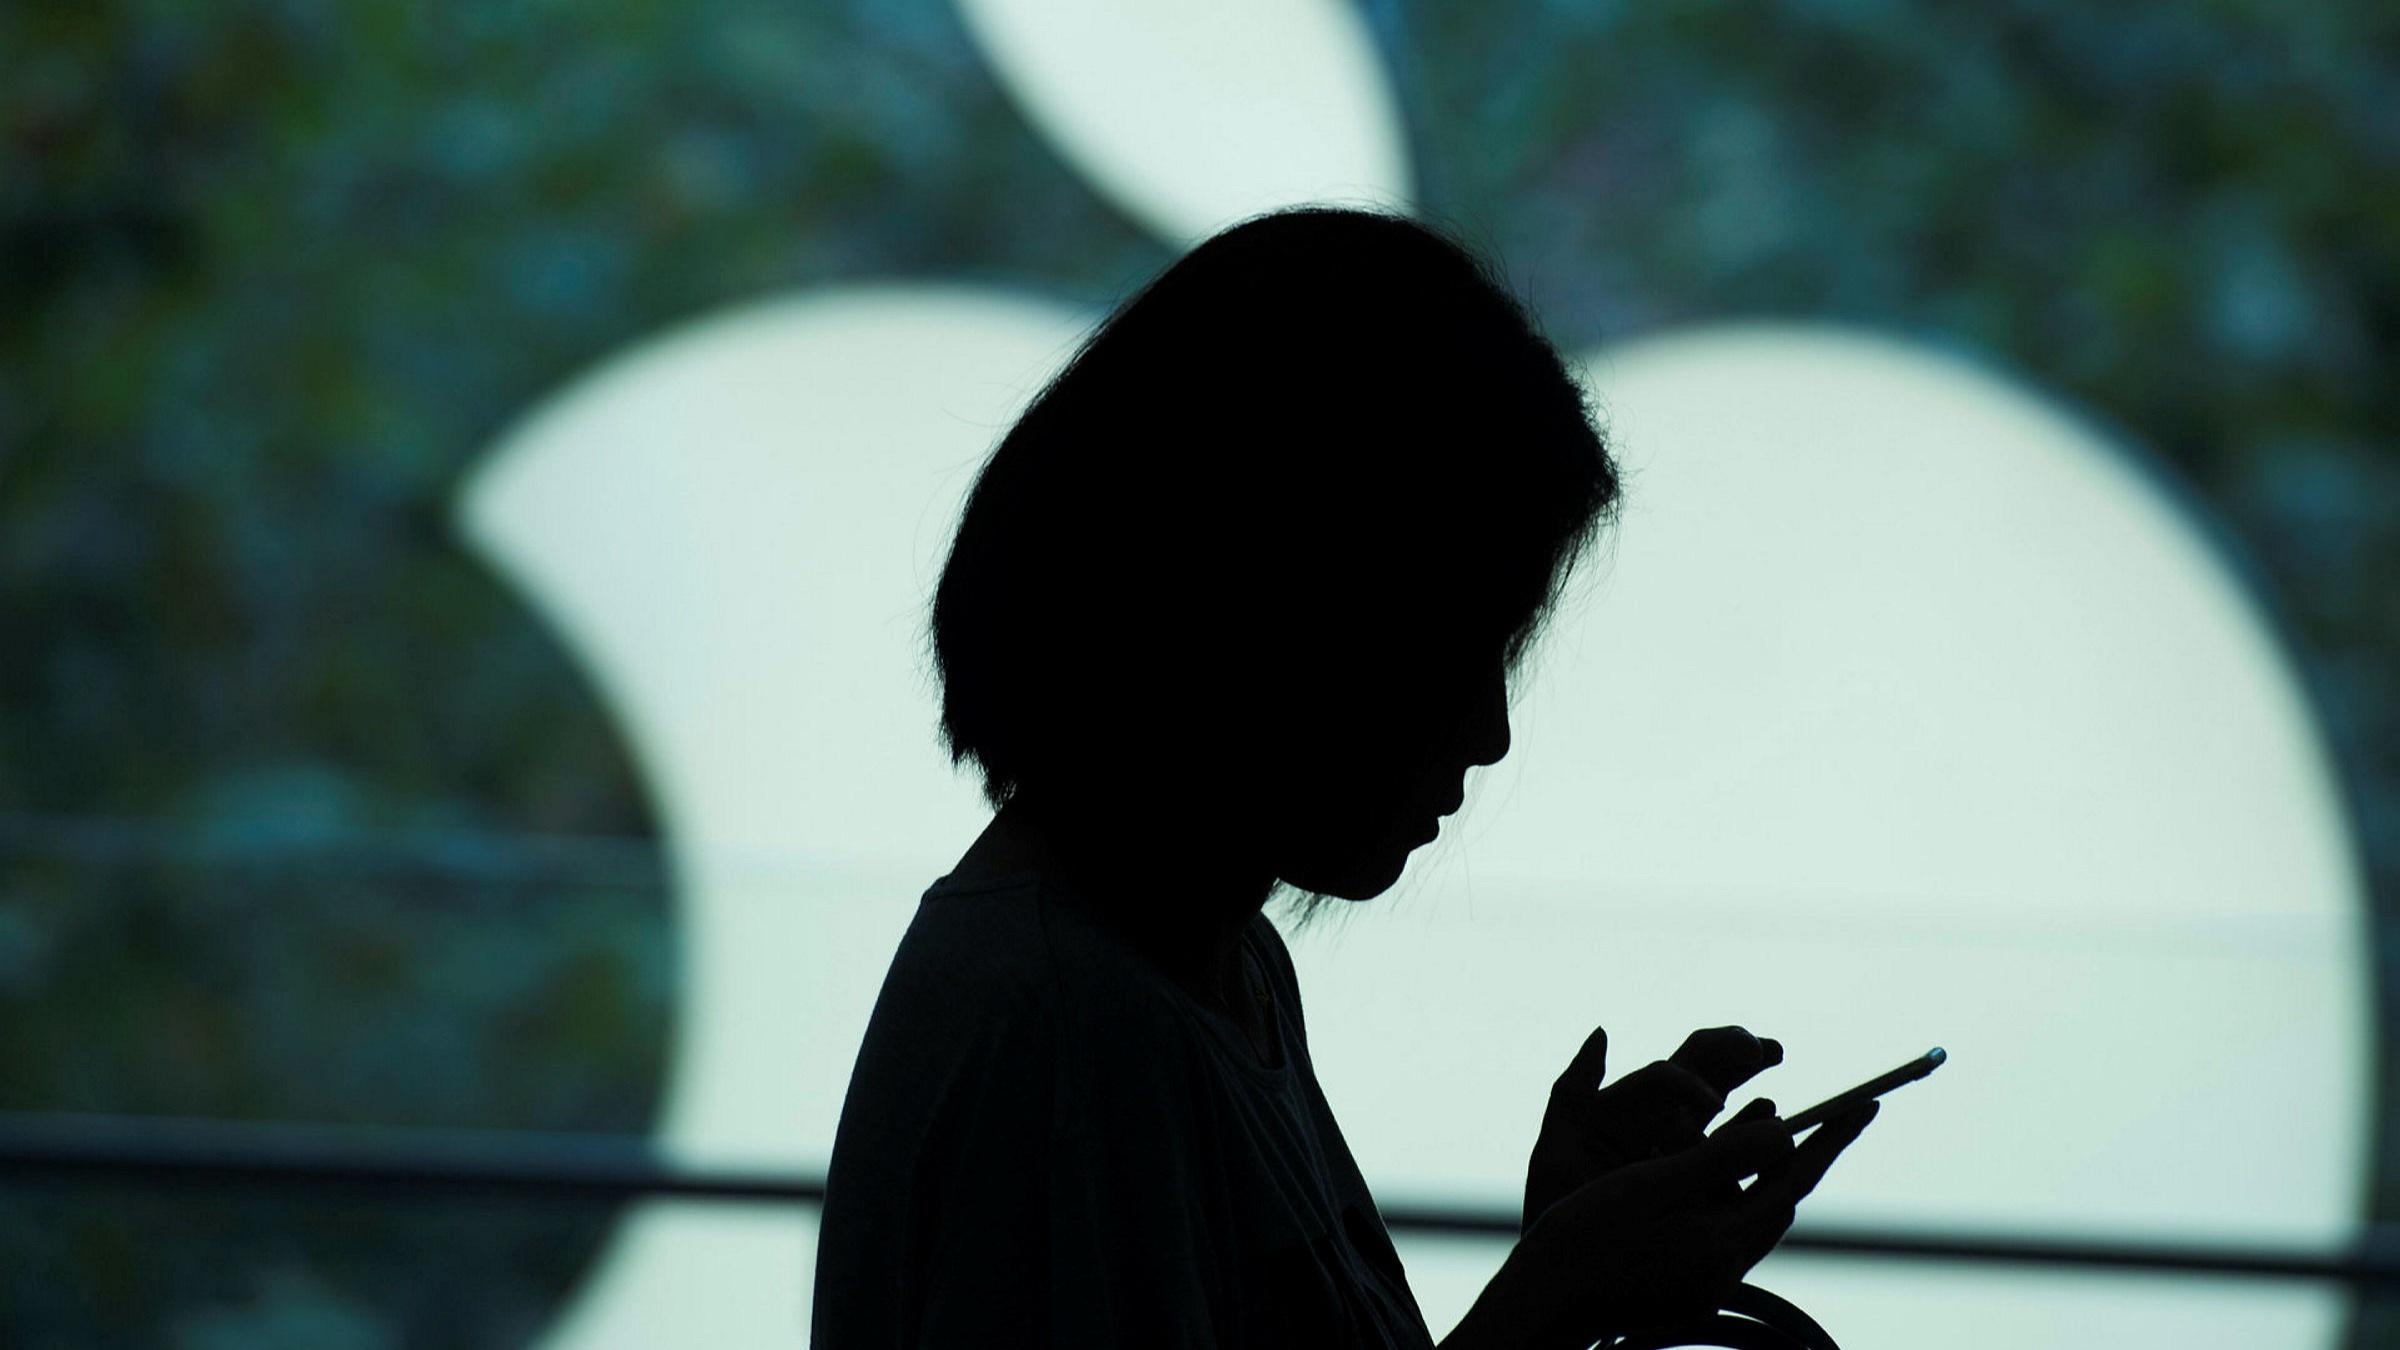 Sử dụng iPhone bị coi là đáng xấu hổ ở Trung Quốc, vì sao vẫn tăng mạnh? - 2